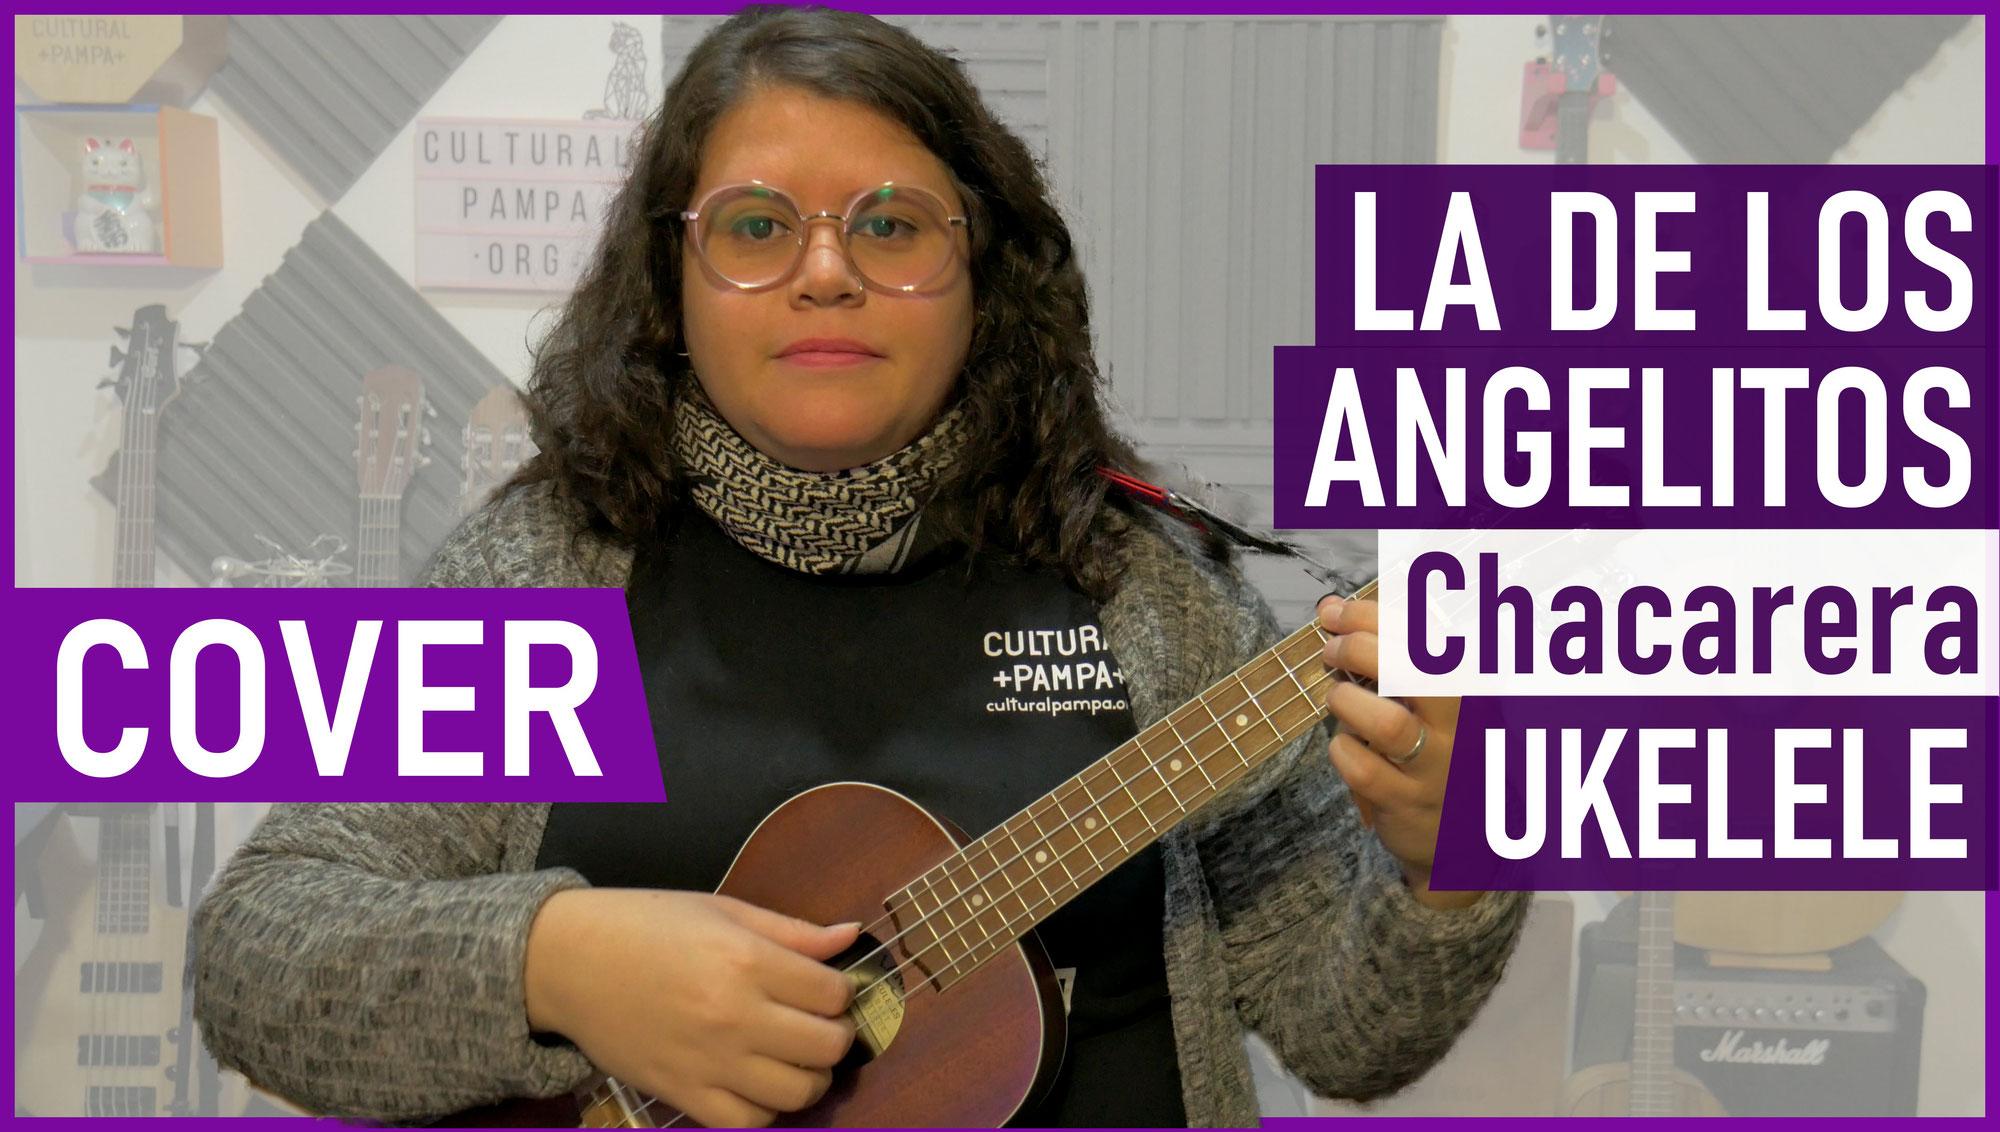 La De Los Angelitos (Diaz - Abalos) Chacarera   Ukelele Cover